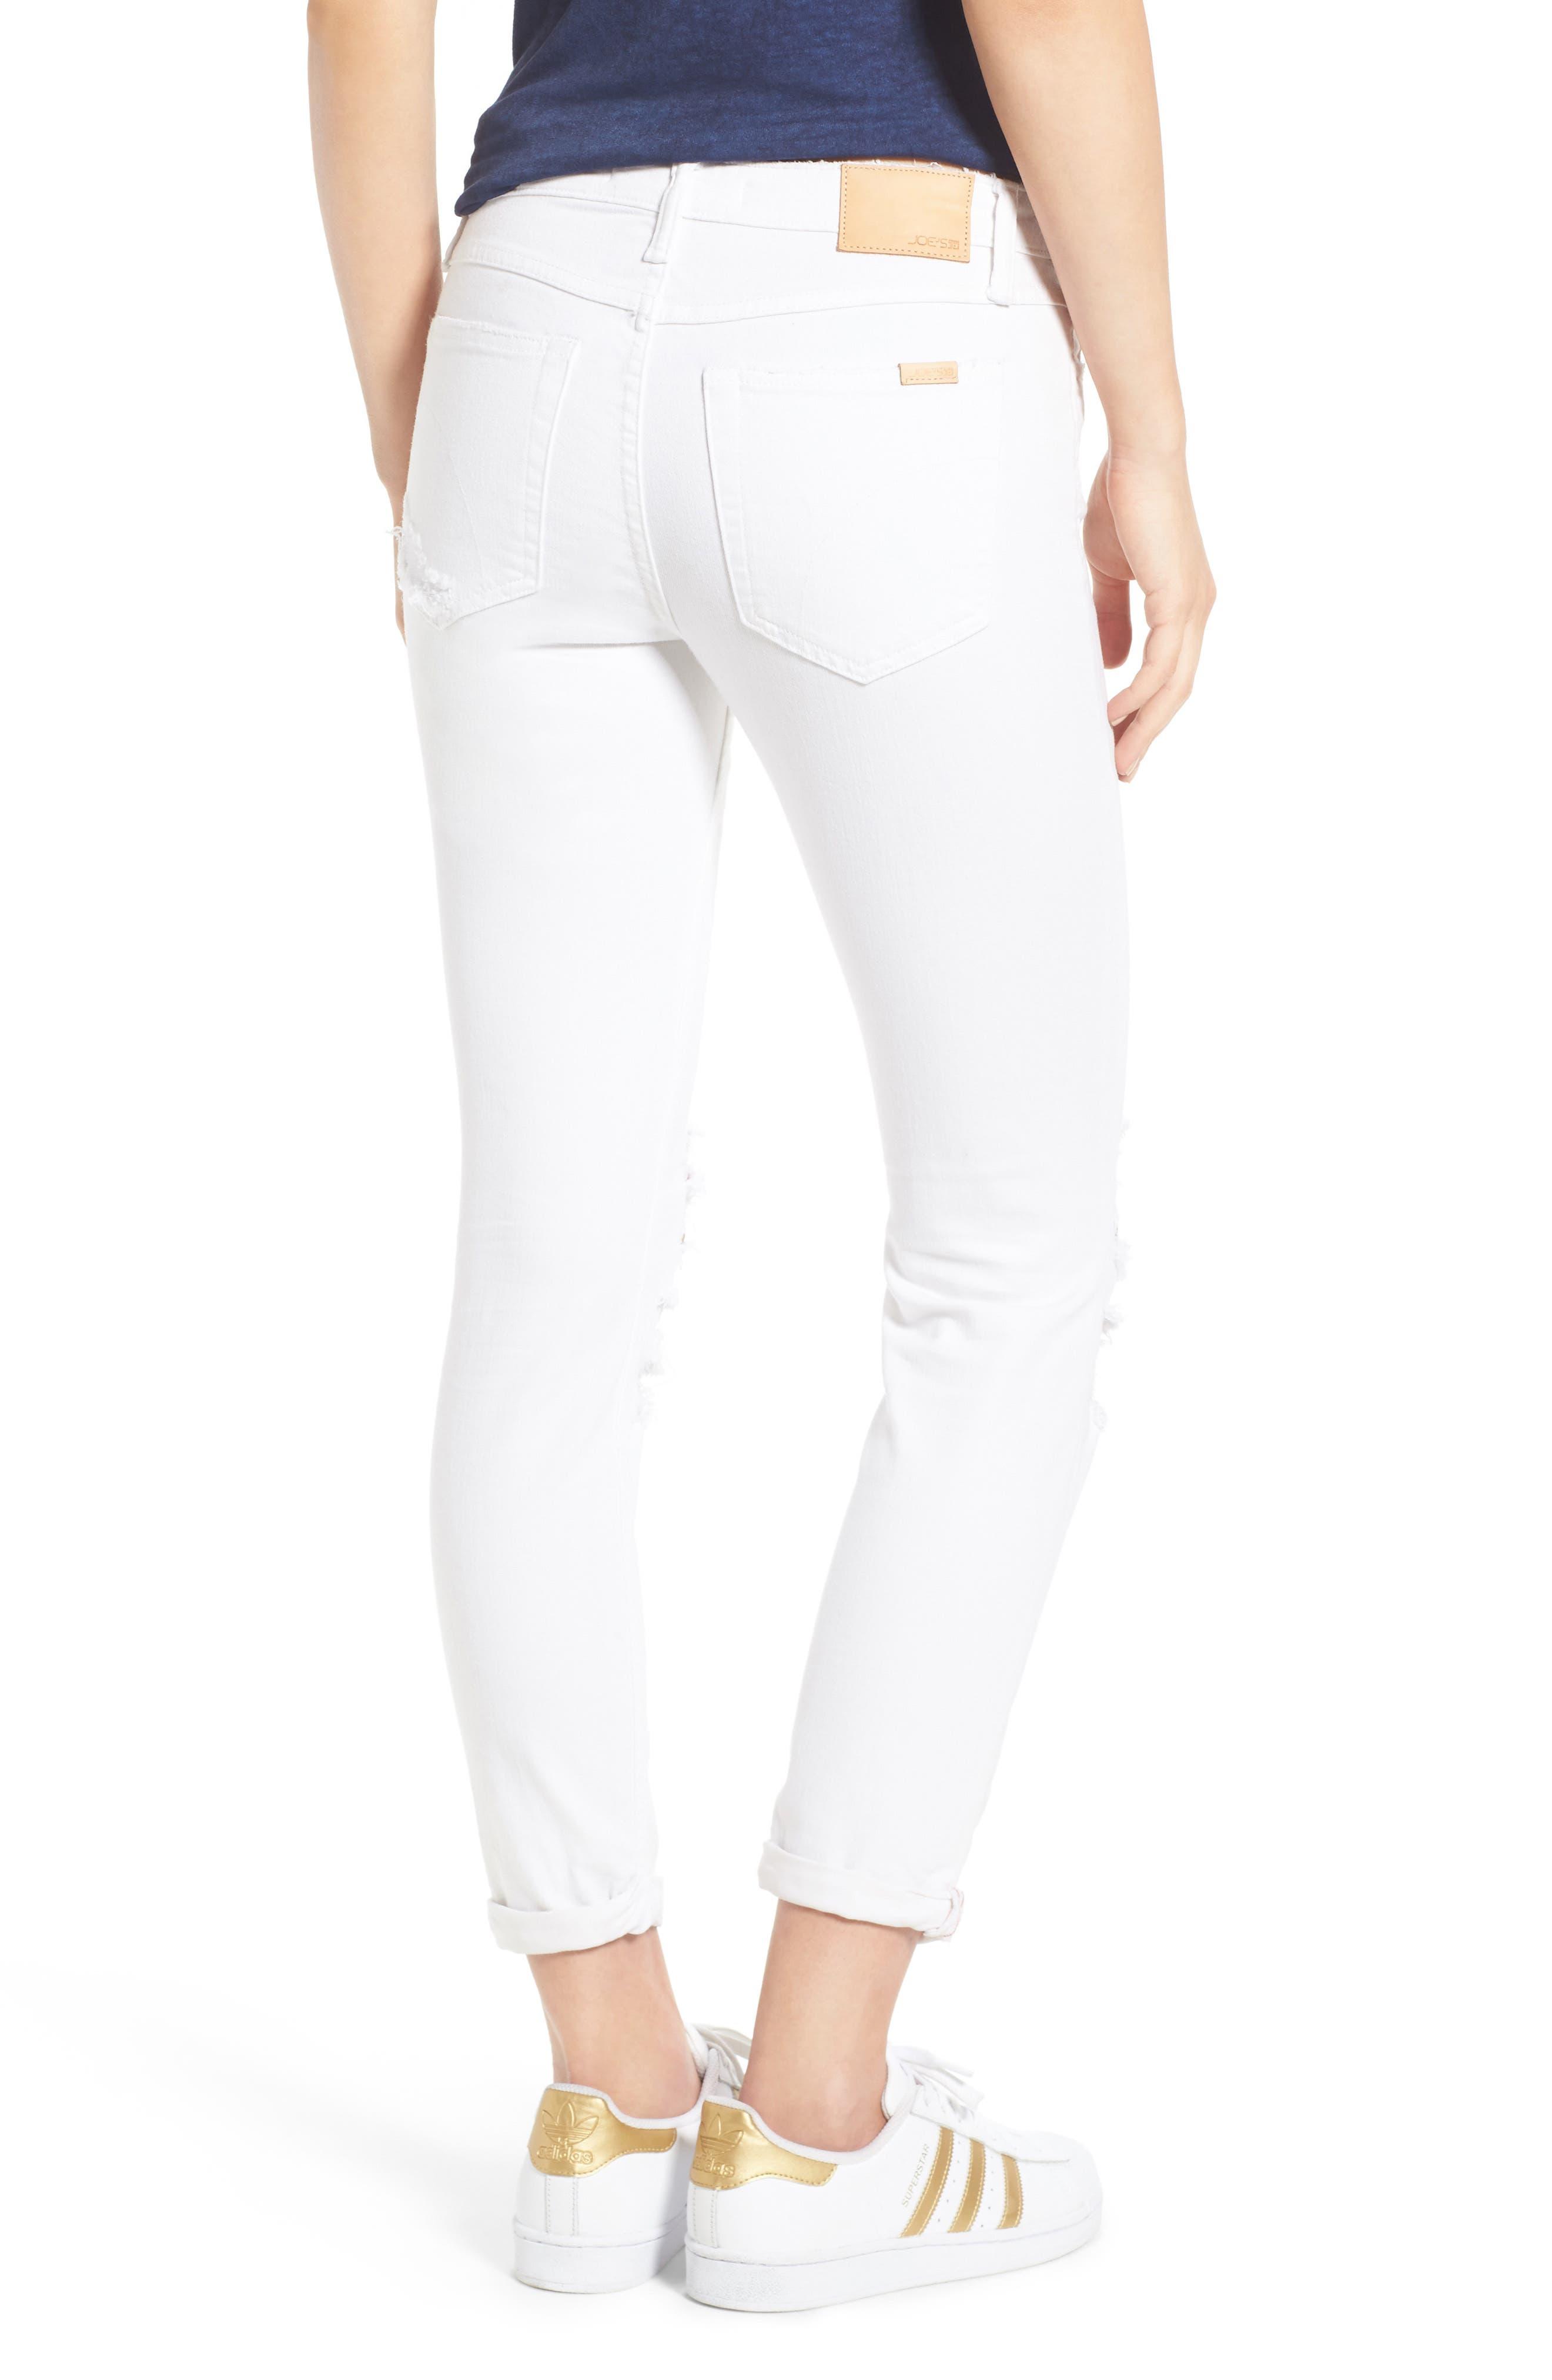 Andie Crop Skinny Jeans,                             Alternate thumbnail 2, color,                             100